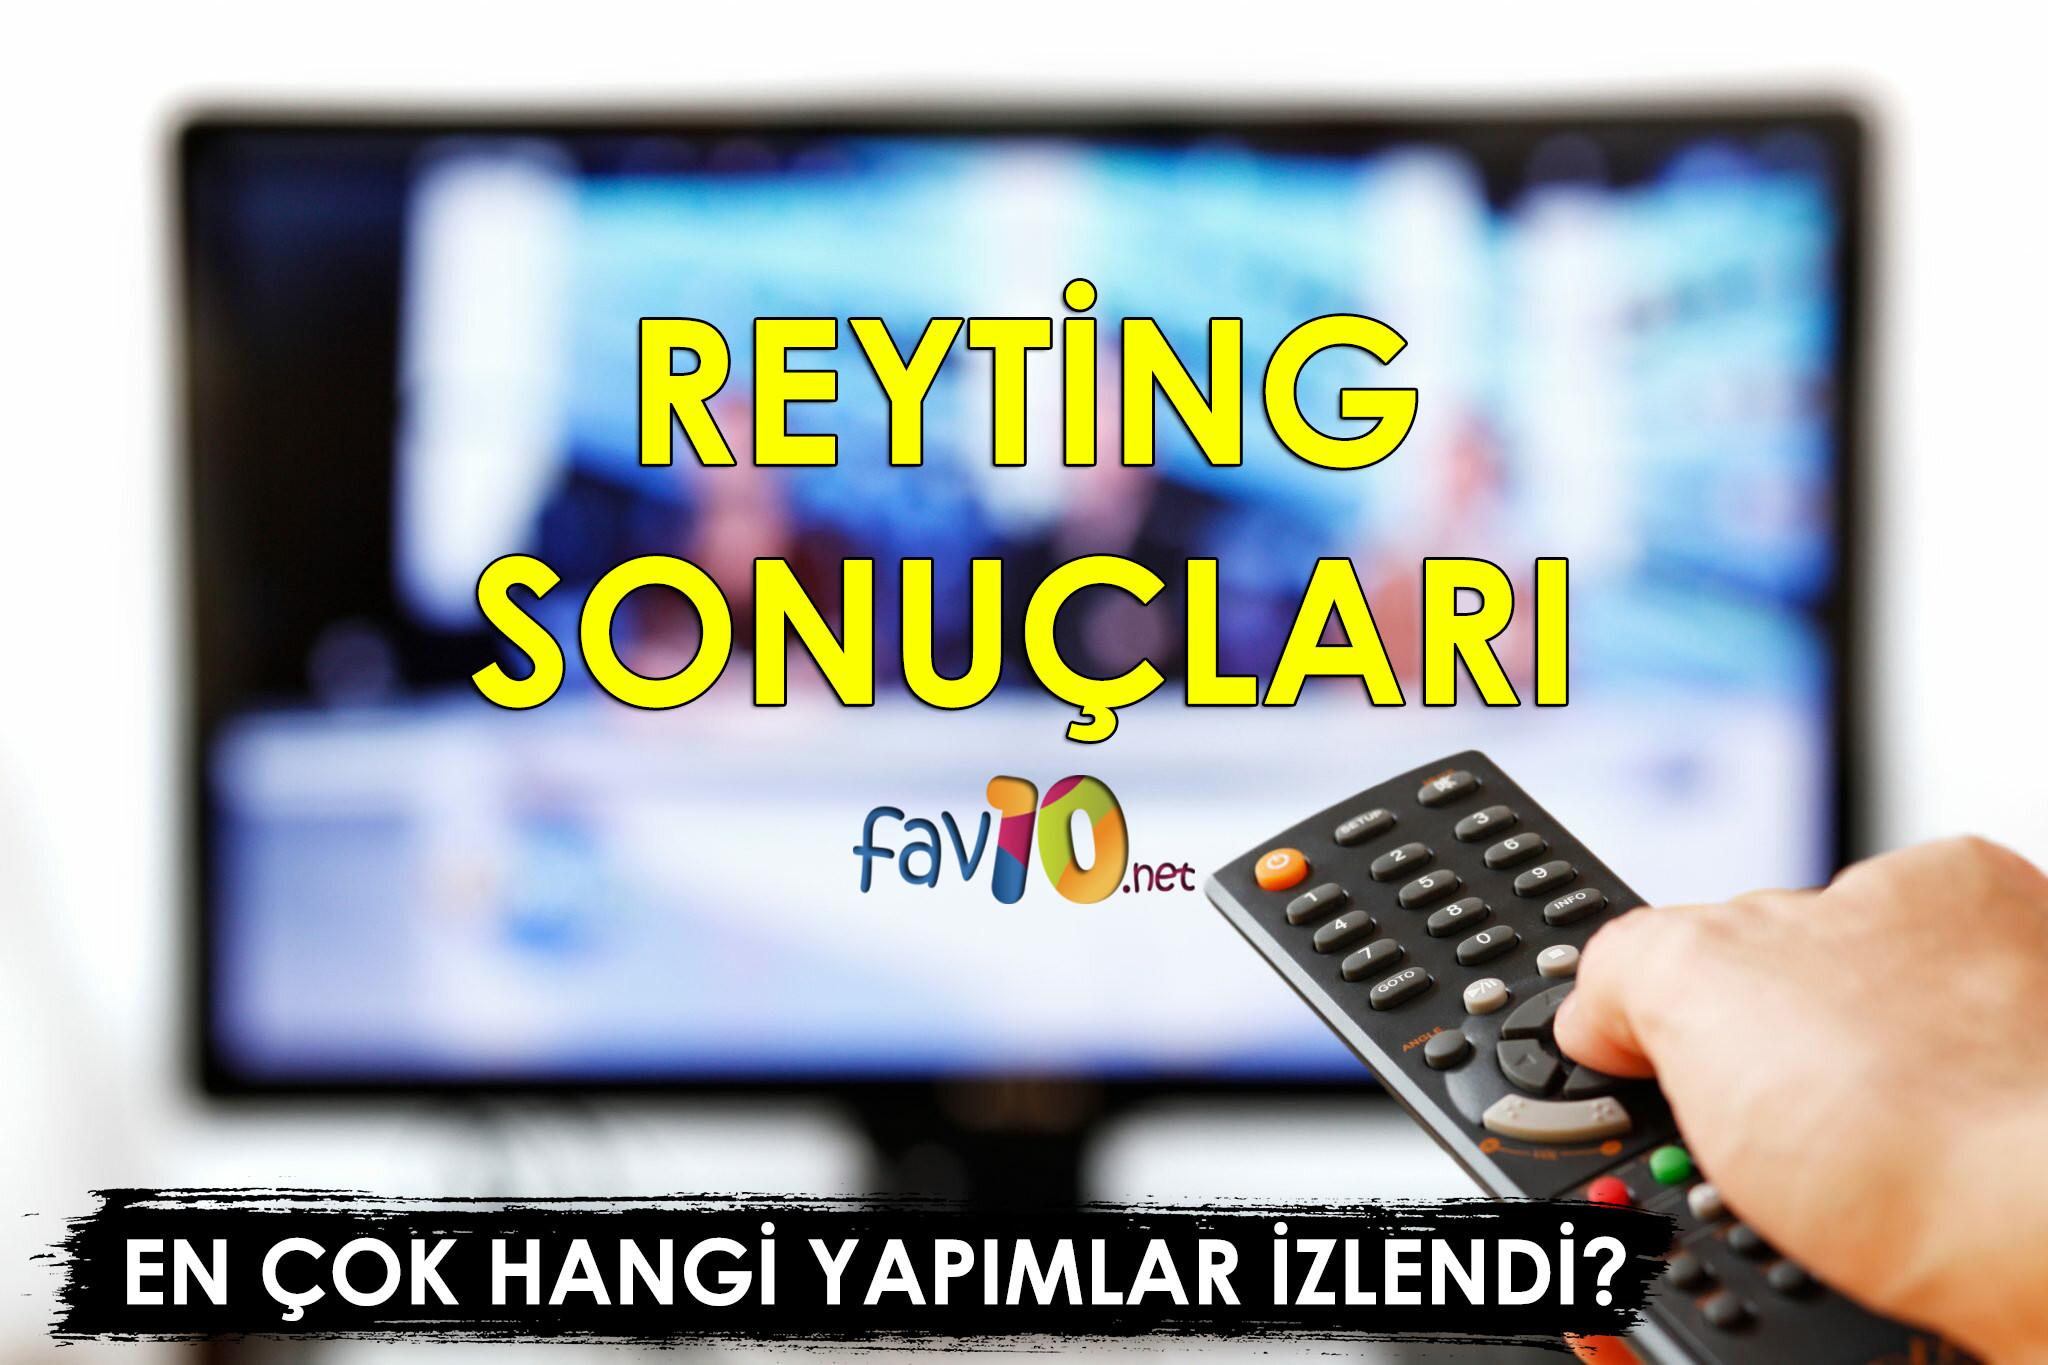 reyting-sonuclari-fav10-jpg.109205